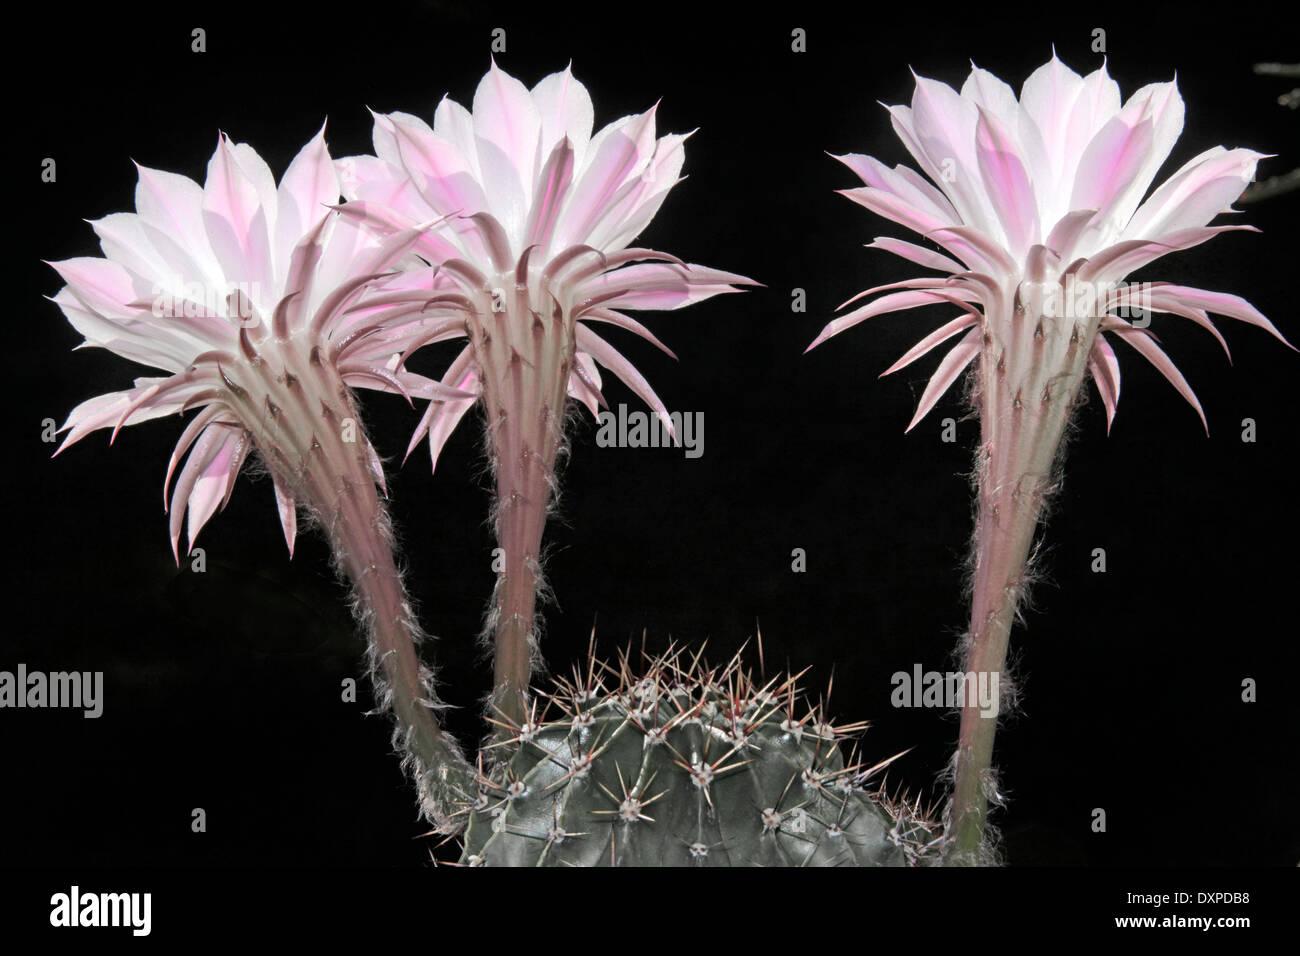 Lis de Pâques Fleurs Cactus Echinopsis mamillosa Sterne (photo) Couleurs atténuées de Pentecôte Photo Stock